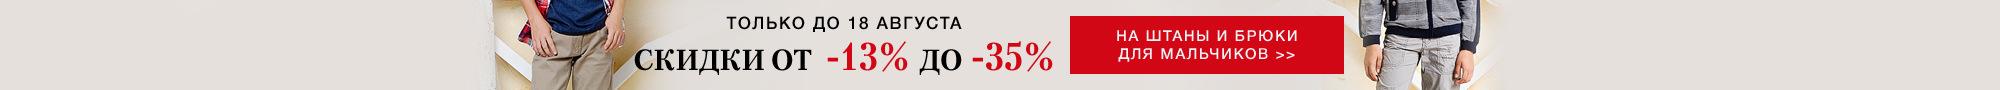 Скидки от -13% до -35% на Брюки для мальчиков